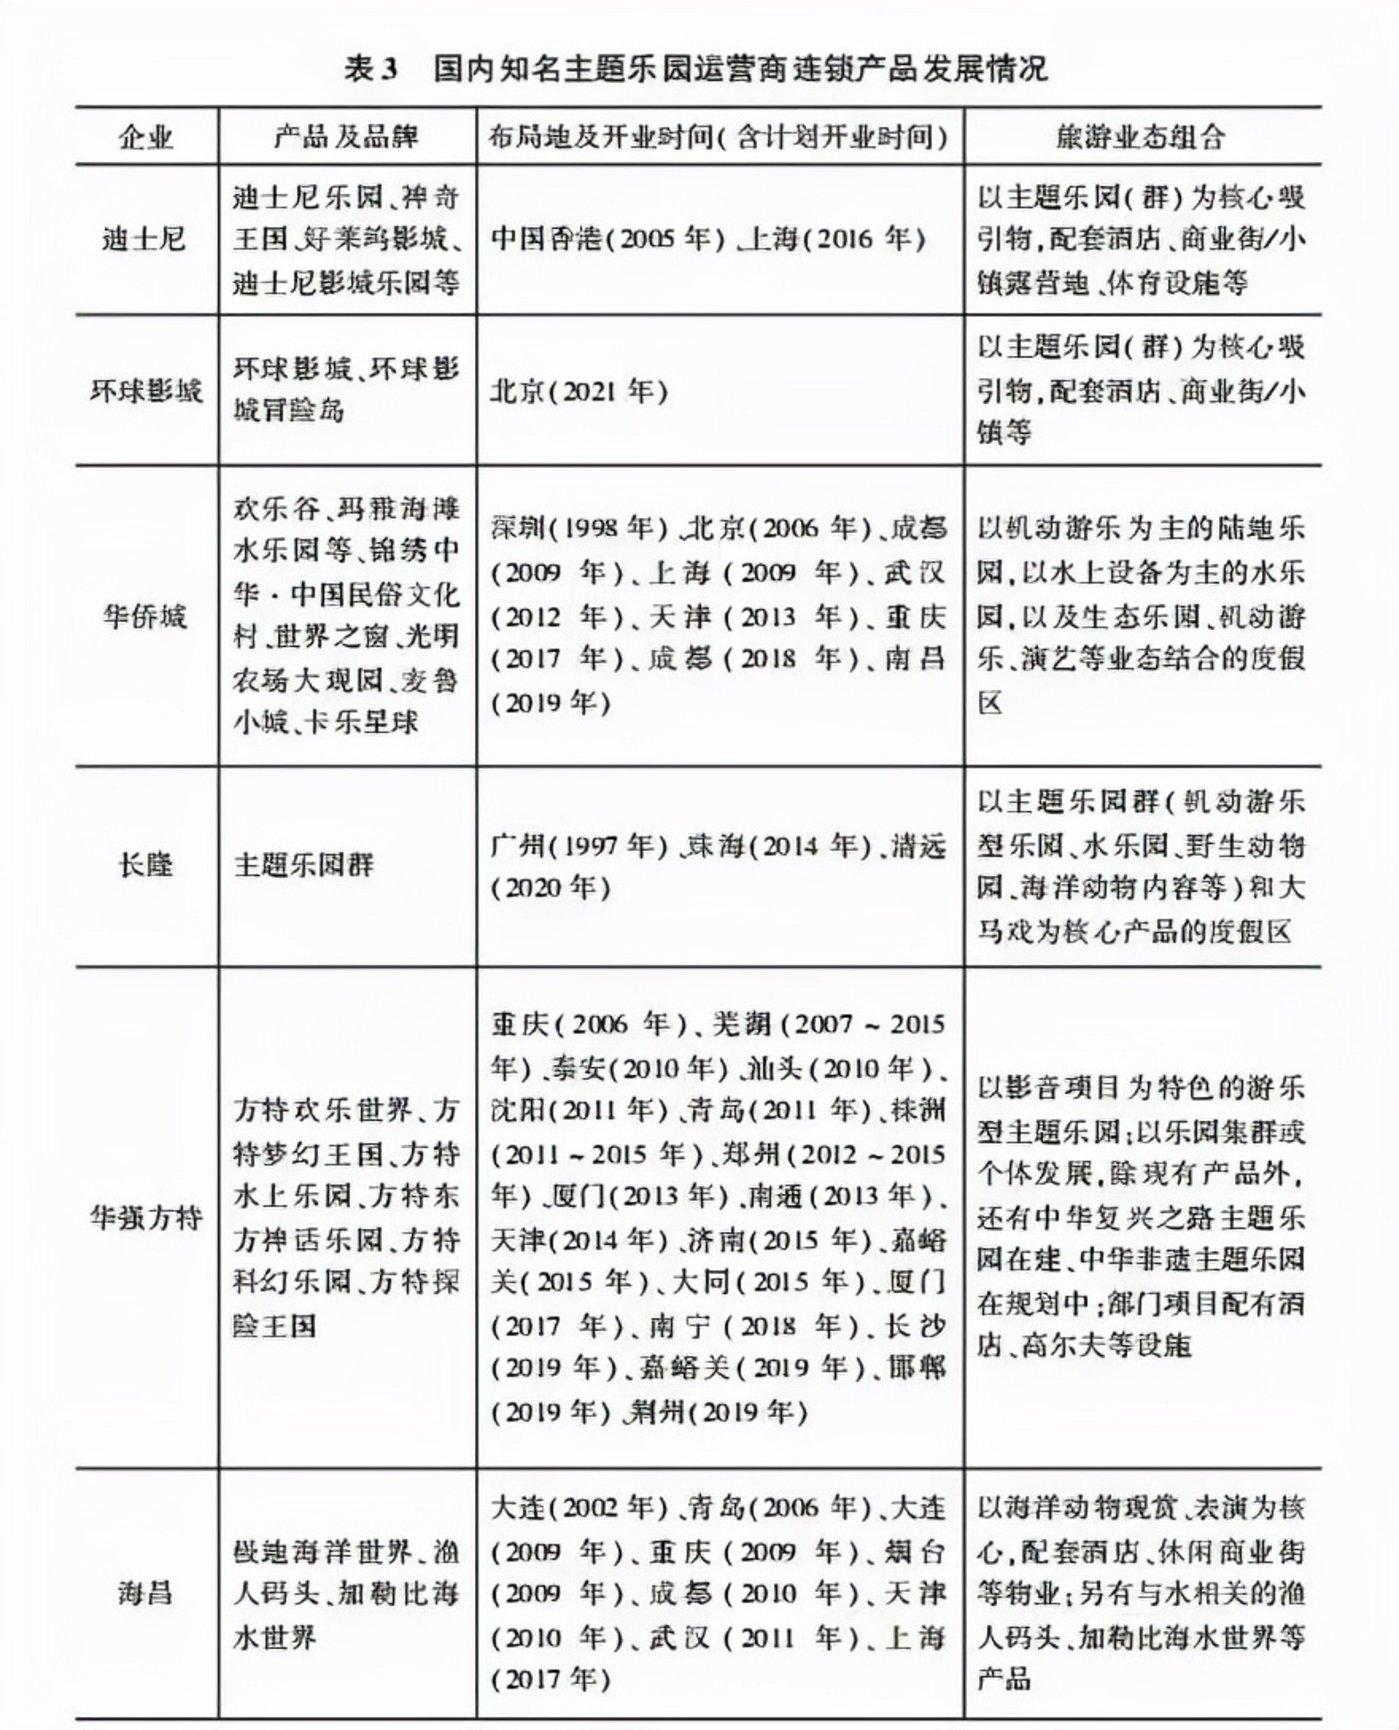 图源:中国社会科学院旅游研究中心